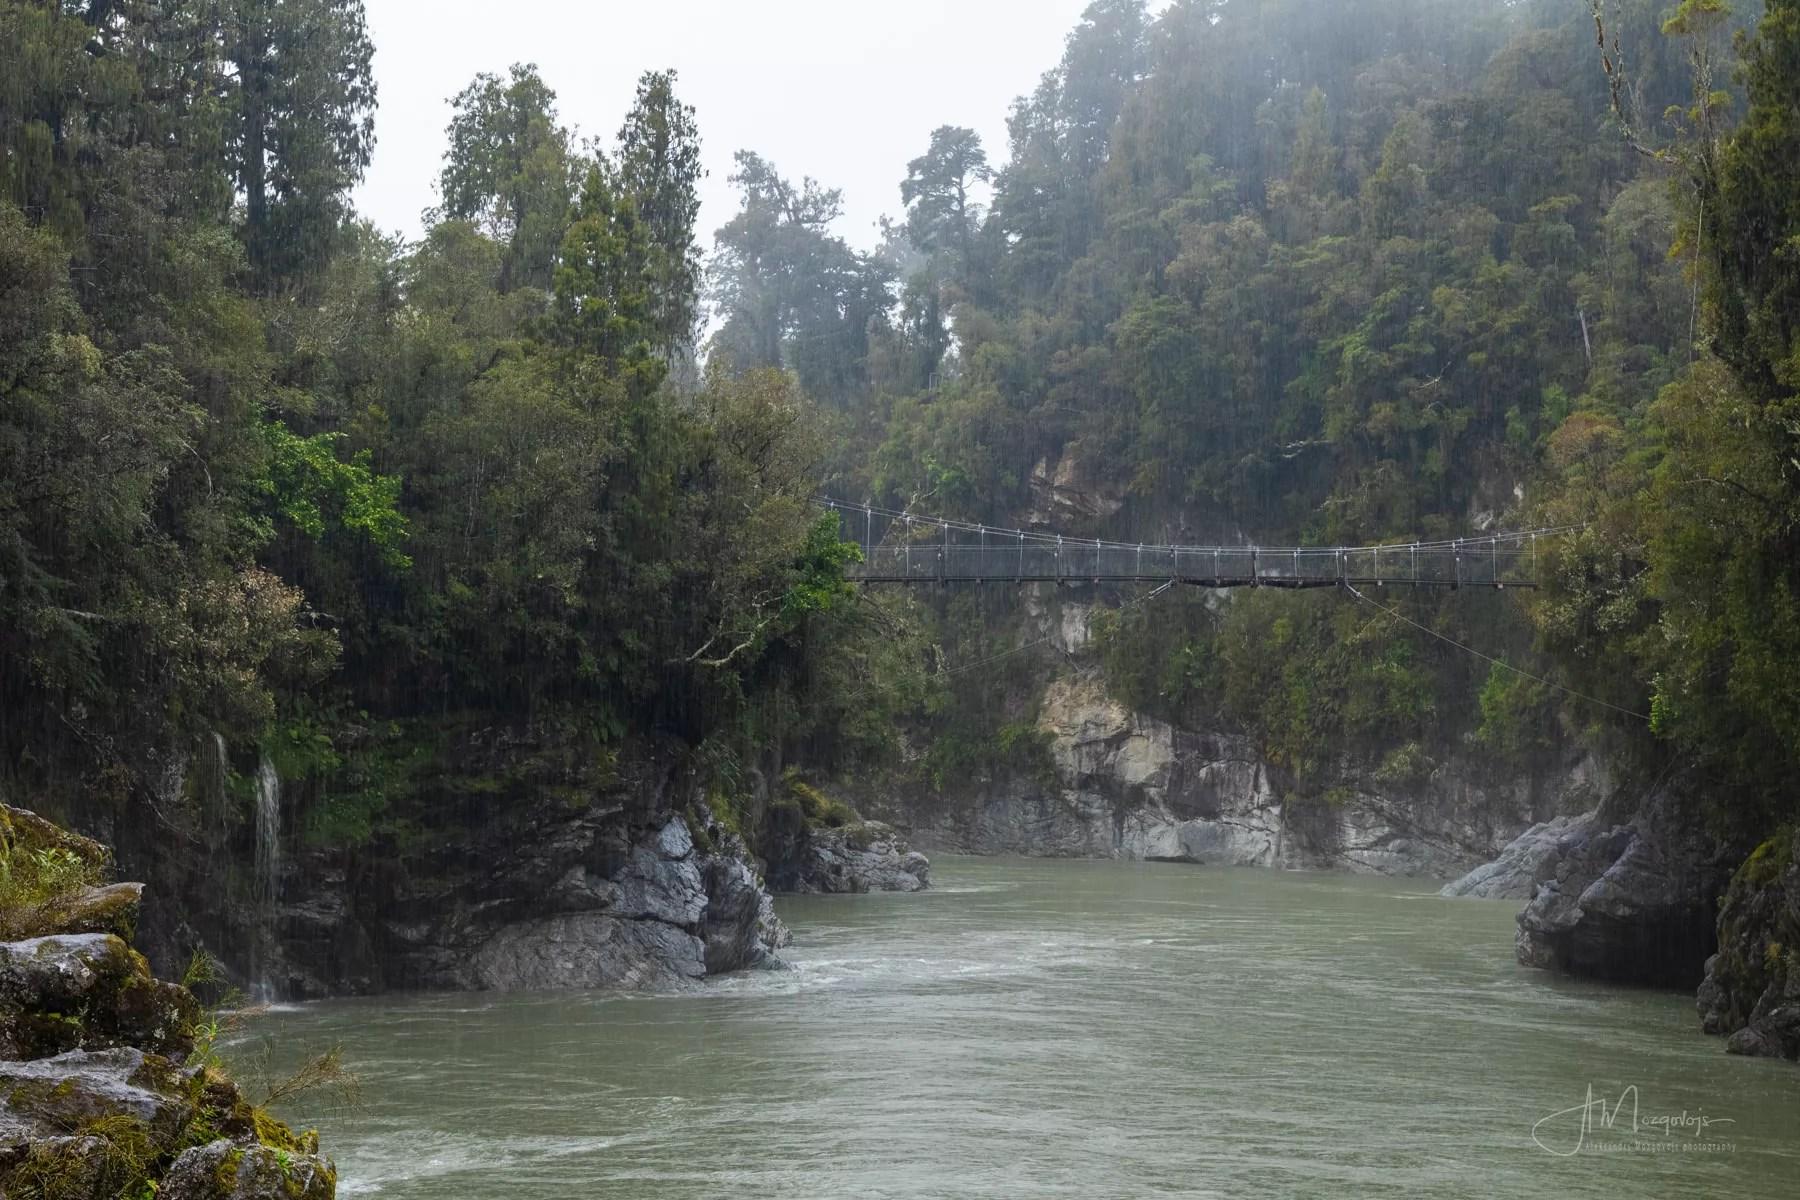 Hokitika gorge under pouring rain